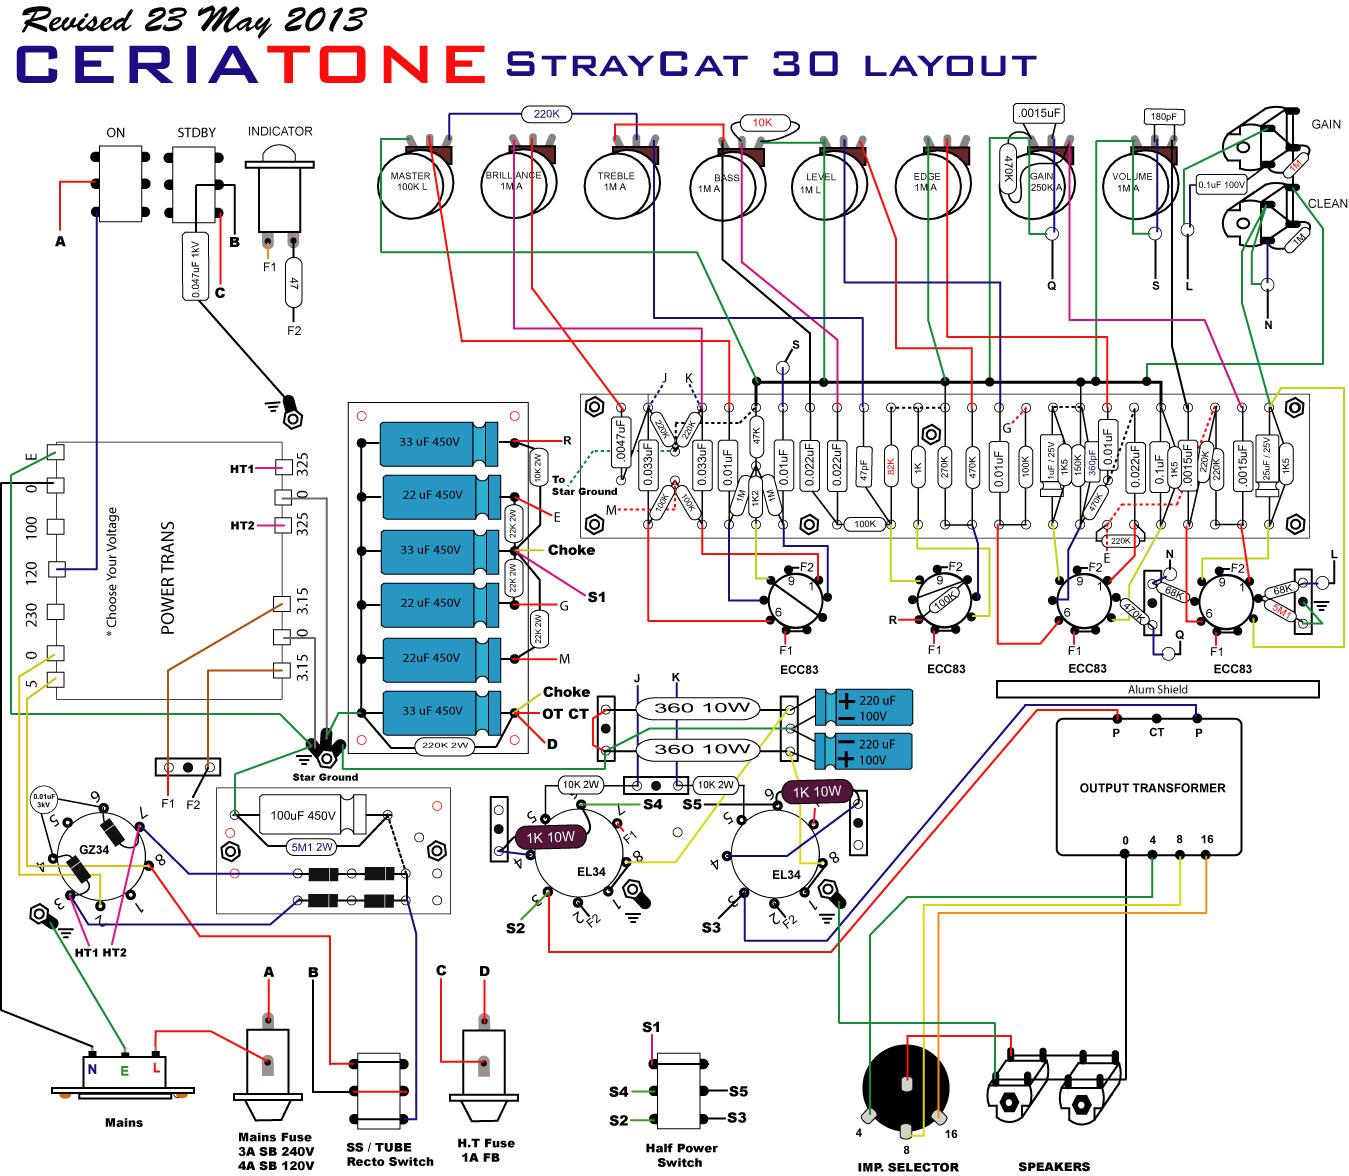 emg spc wiring diagram